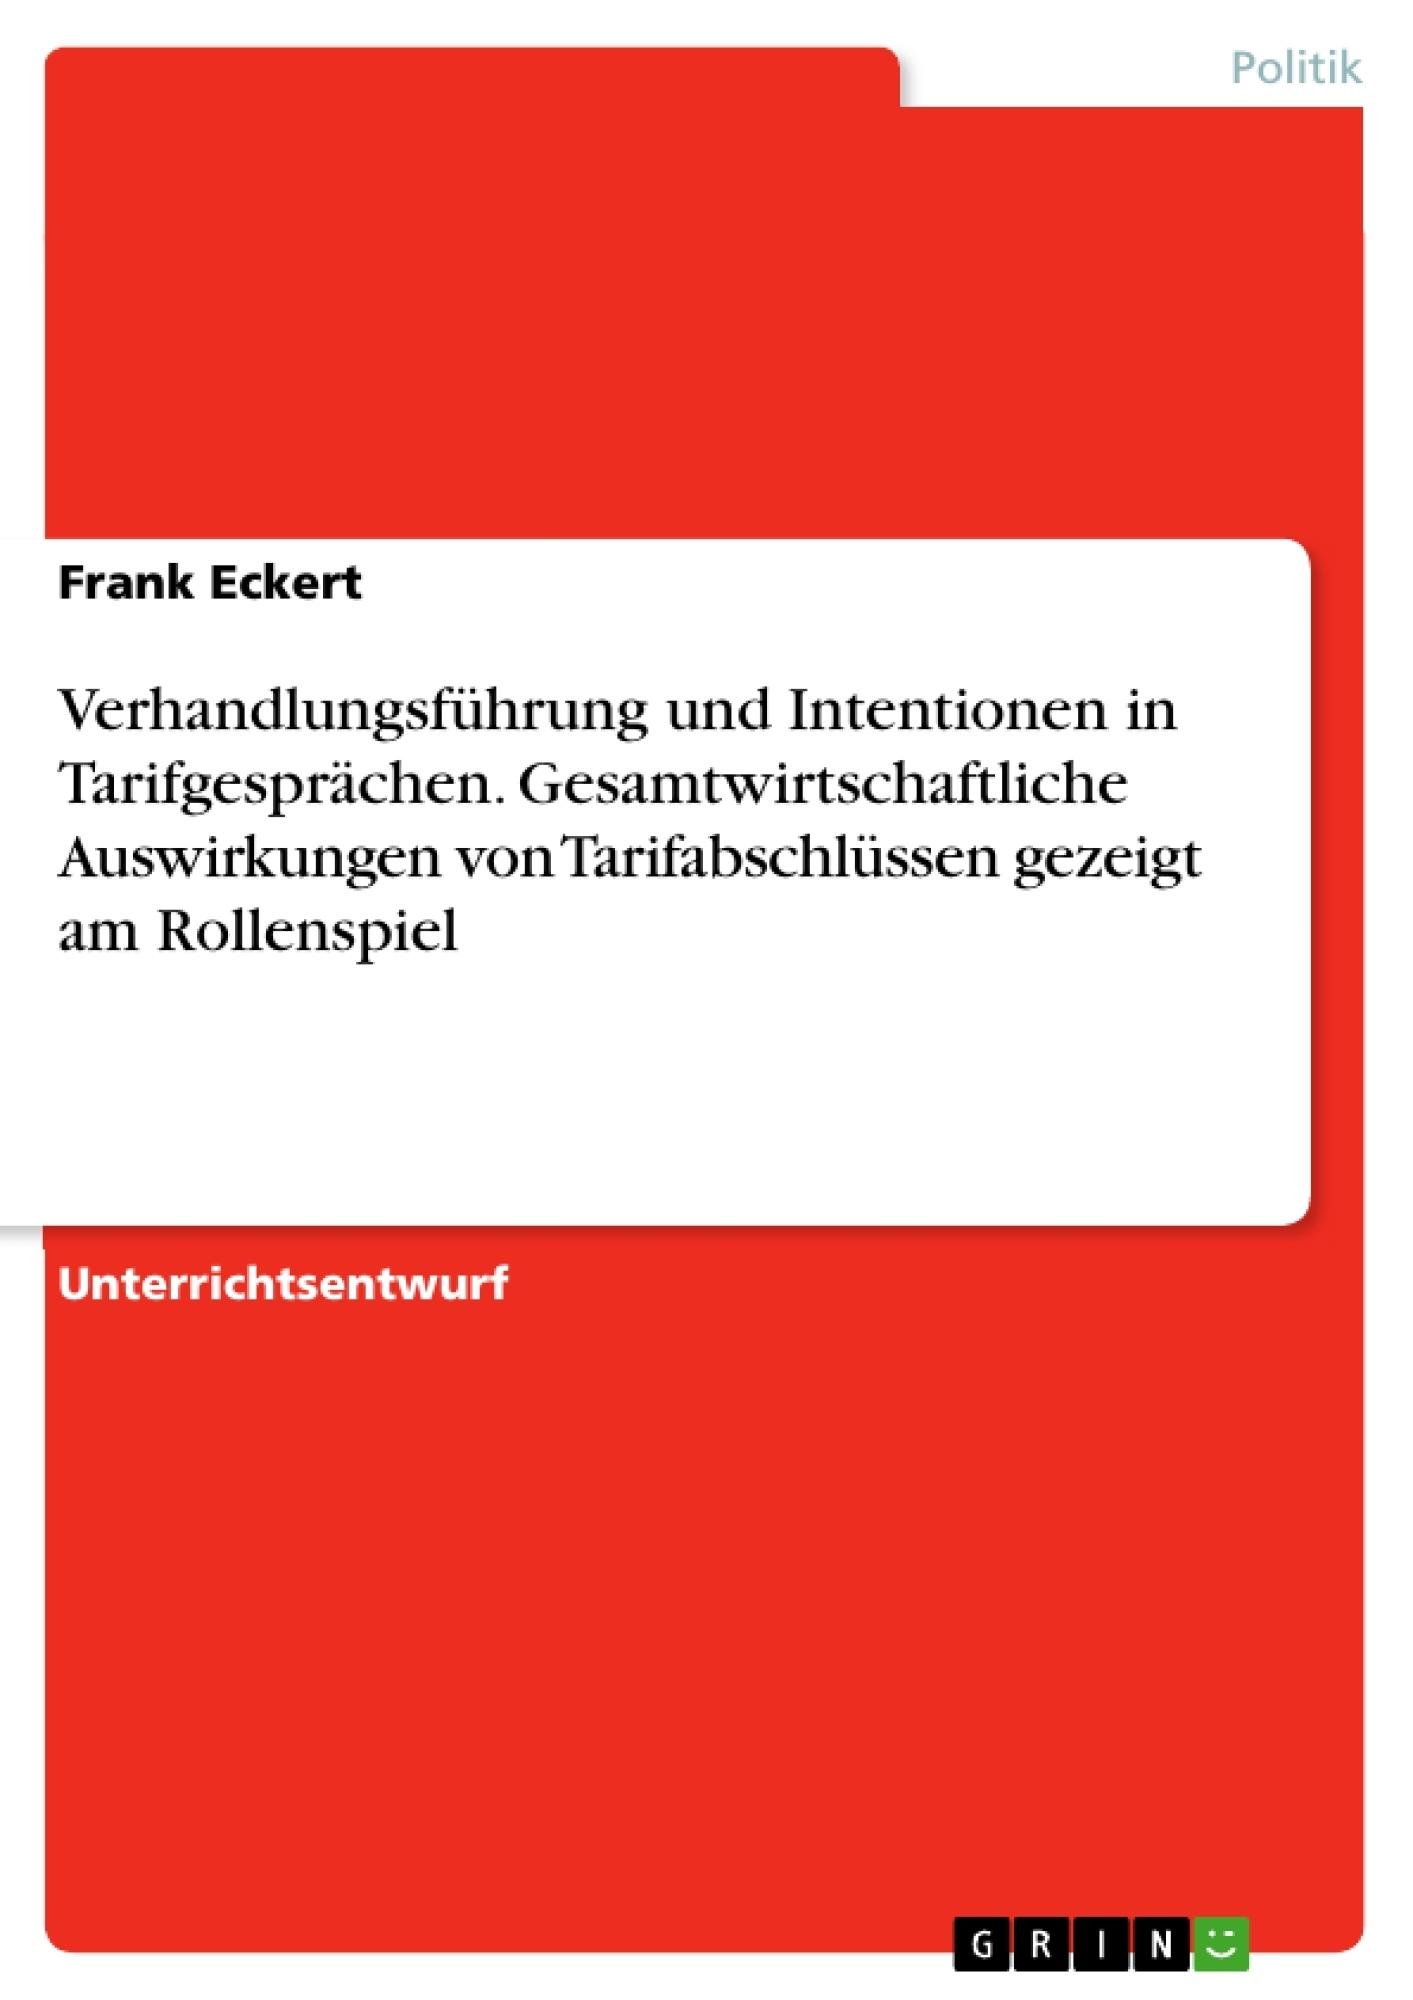 Titel: Verhandlungsführung und  Intentionen in Tarifgesprächen. Gesamtwirtschaftliche Auswirkungen von Tarifabschlüssen gezeigt am Rollenspiel